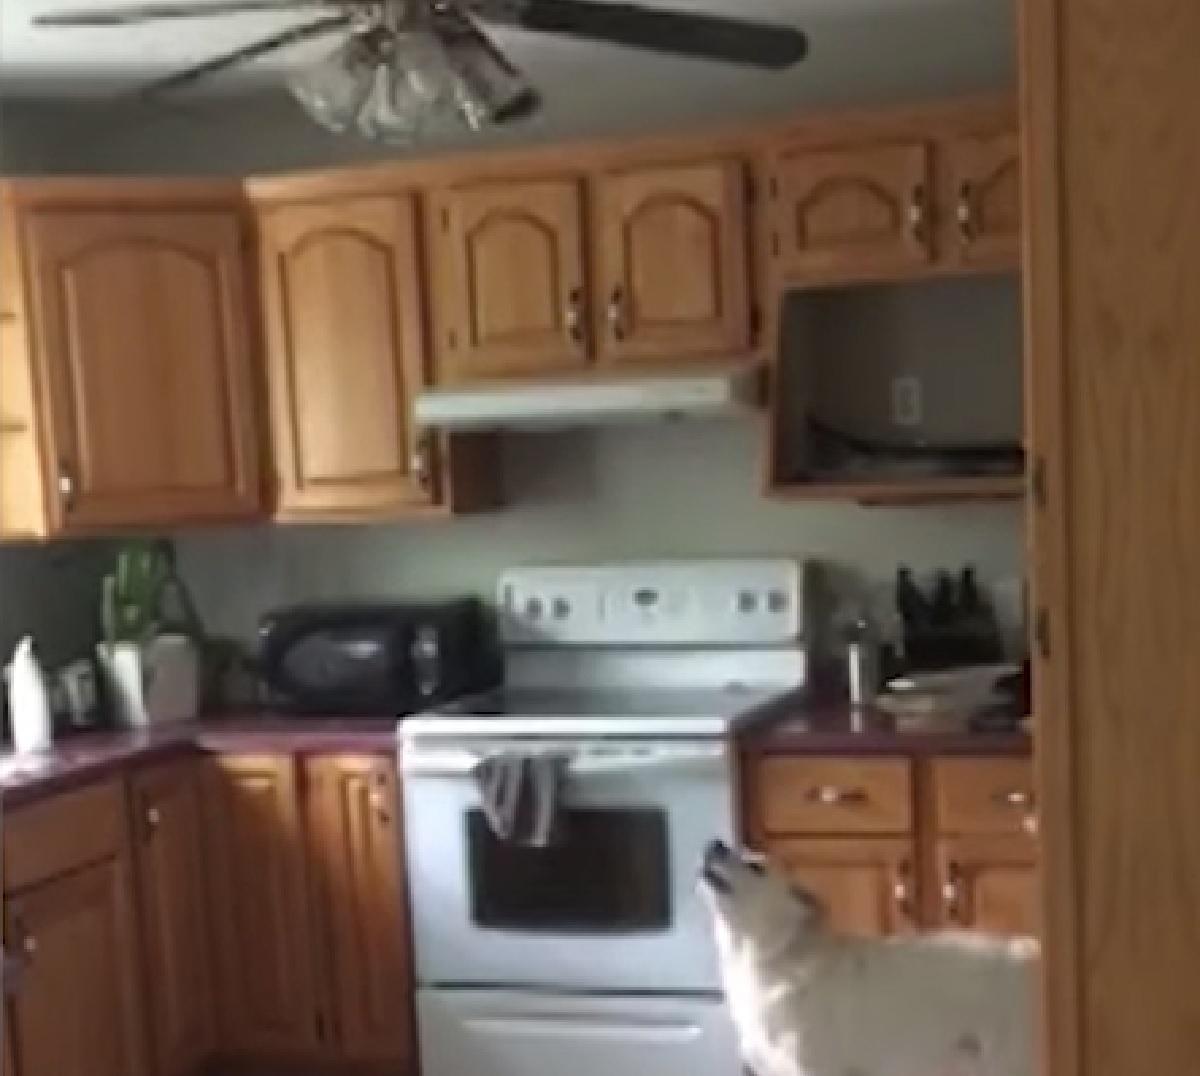 Il cucciolo Spectre odia il ventilatore a soffitto, il suo rapporto con l'oggetto nel video